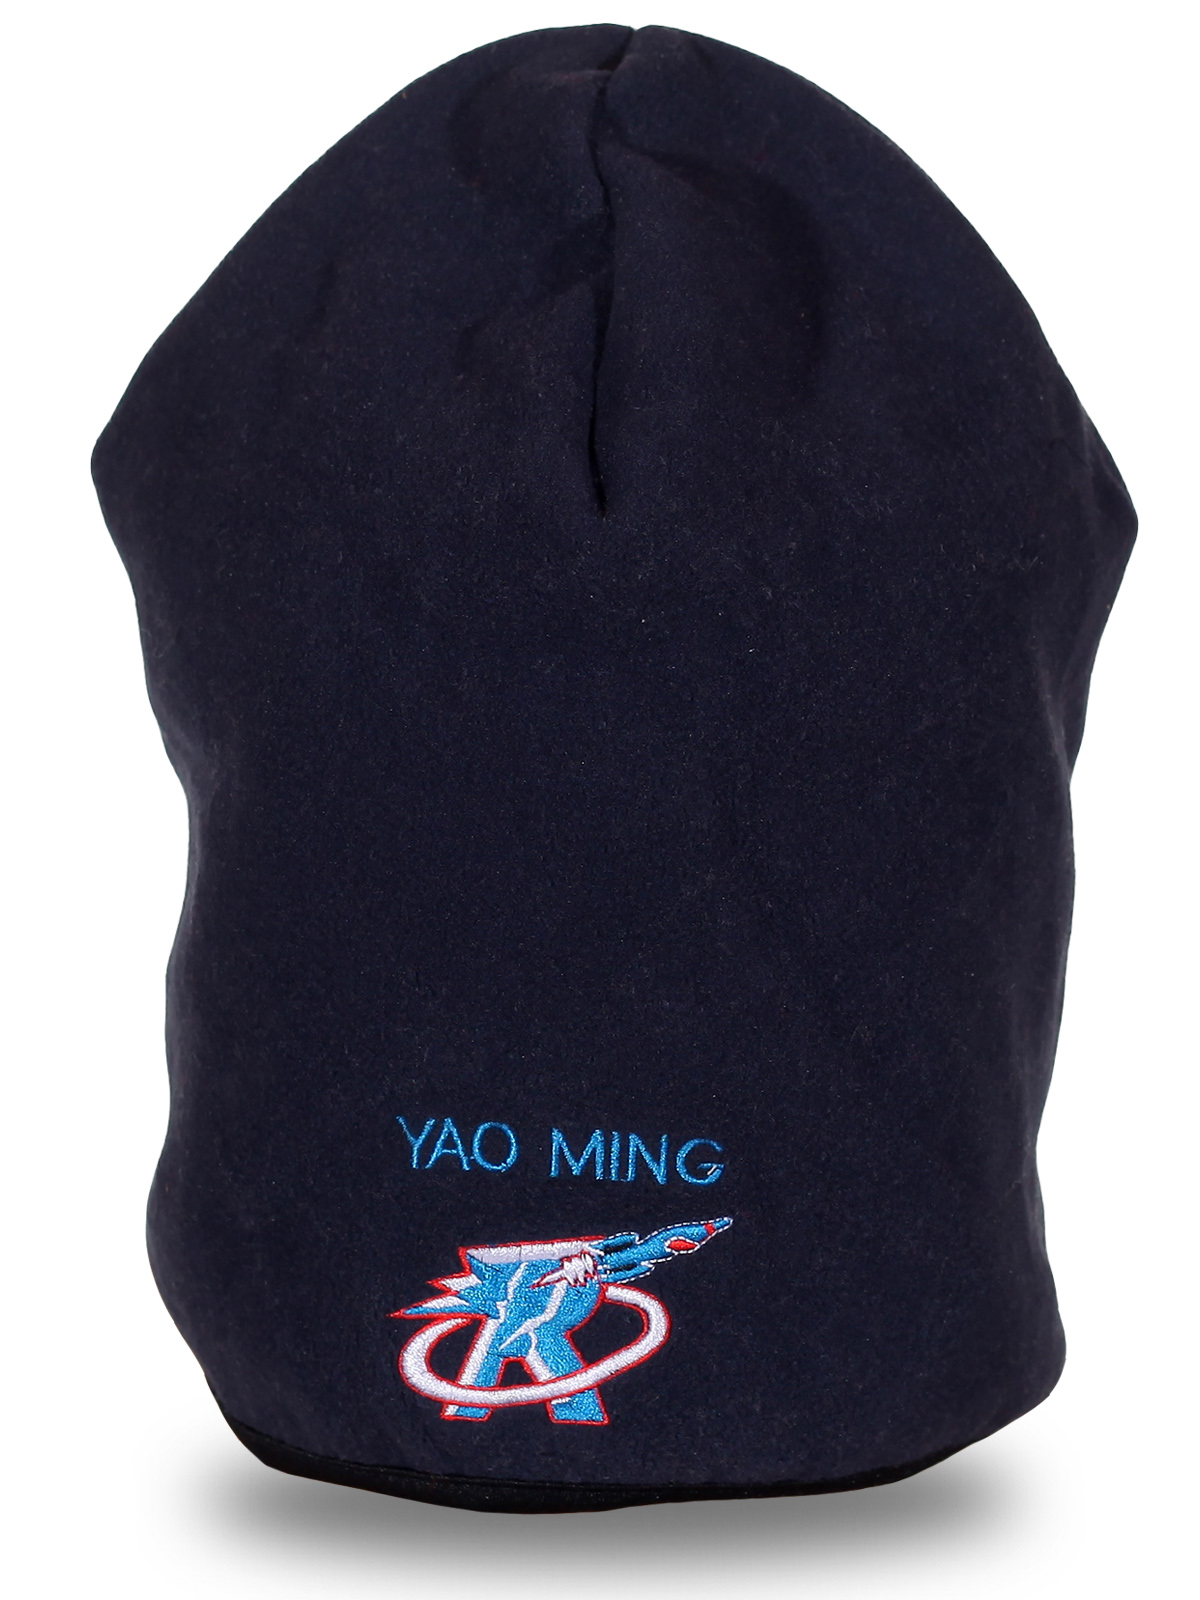 Брендовая шапка Yao Ming. Модная удлиненная модель для ценителей стиля и качества